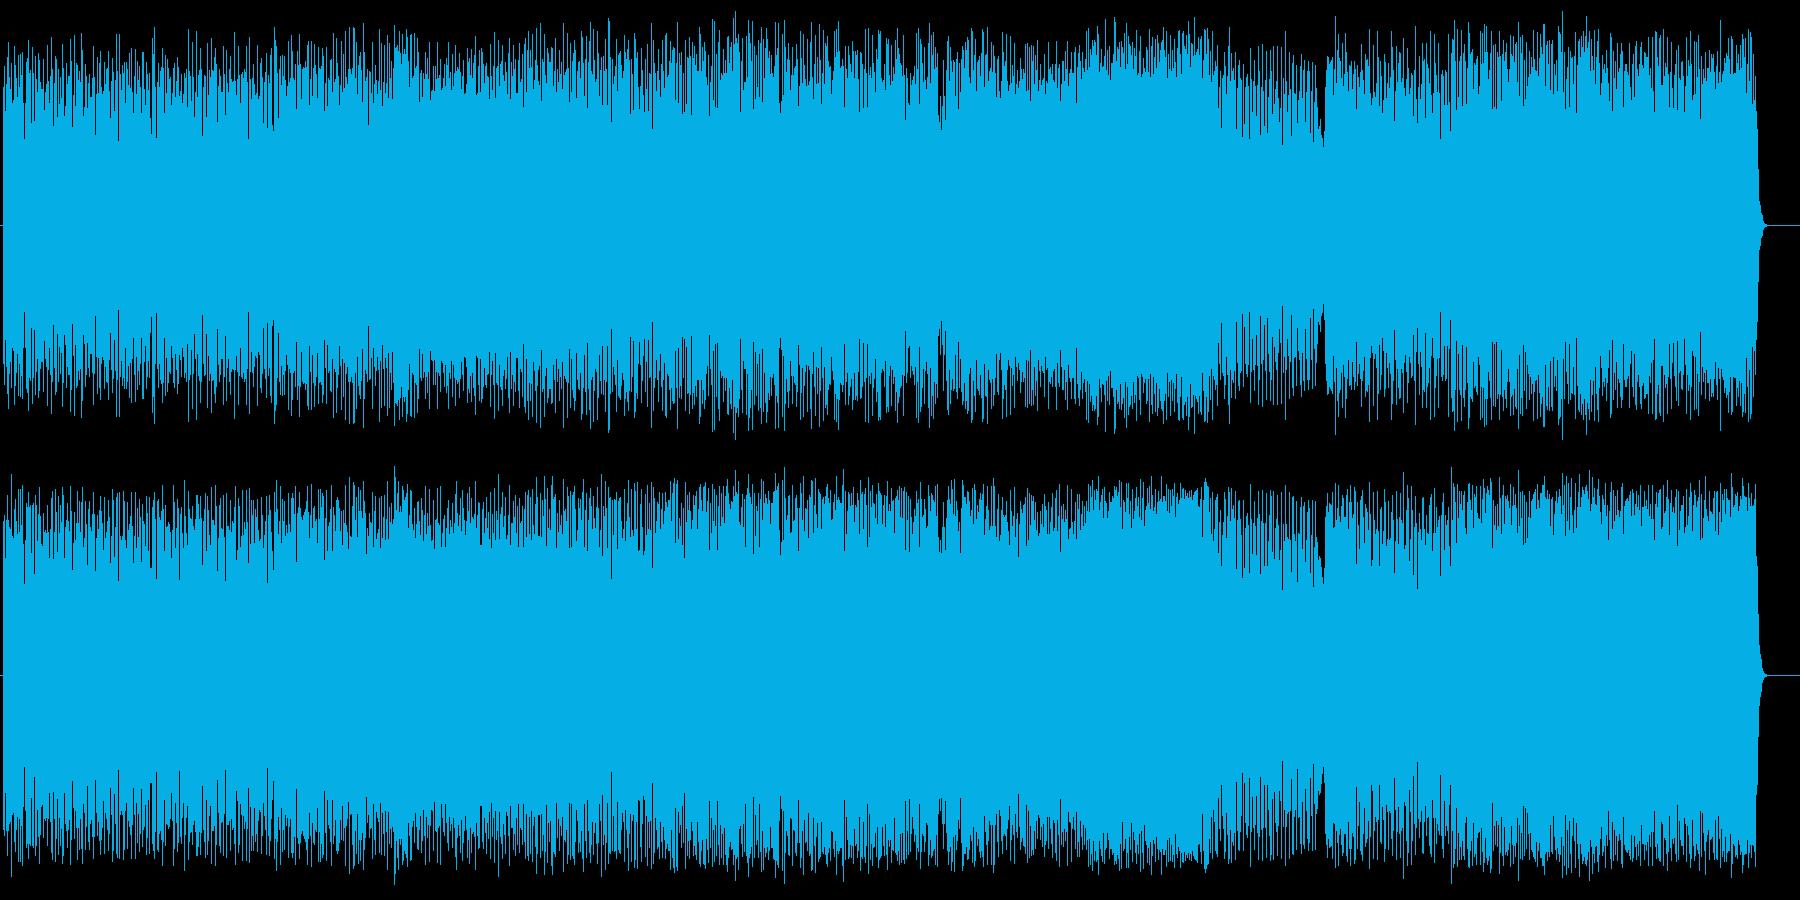 スリリングに決まるカーチェイス・スタントの再生済みの波形